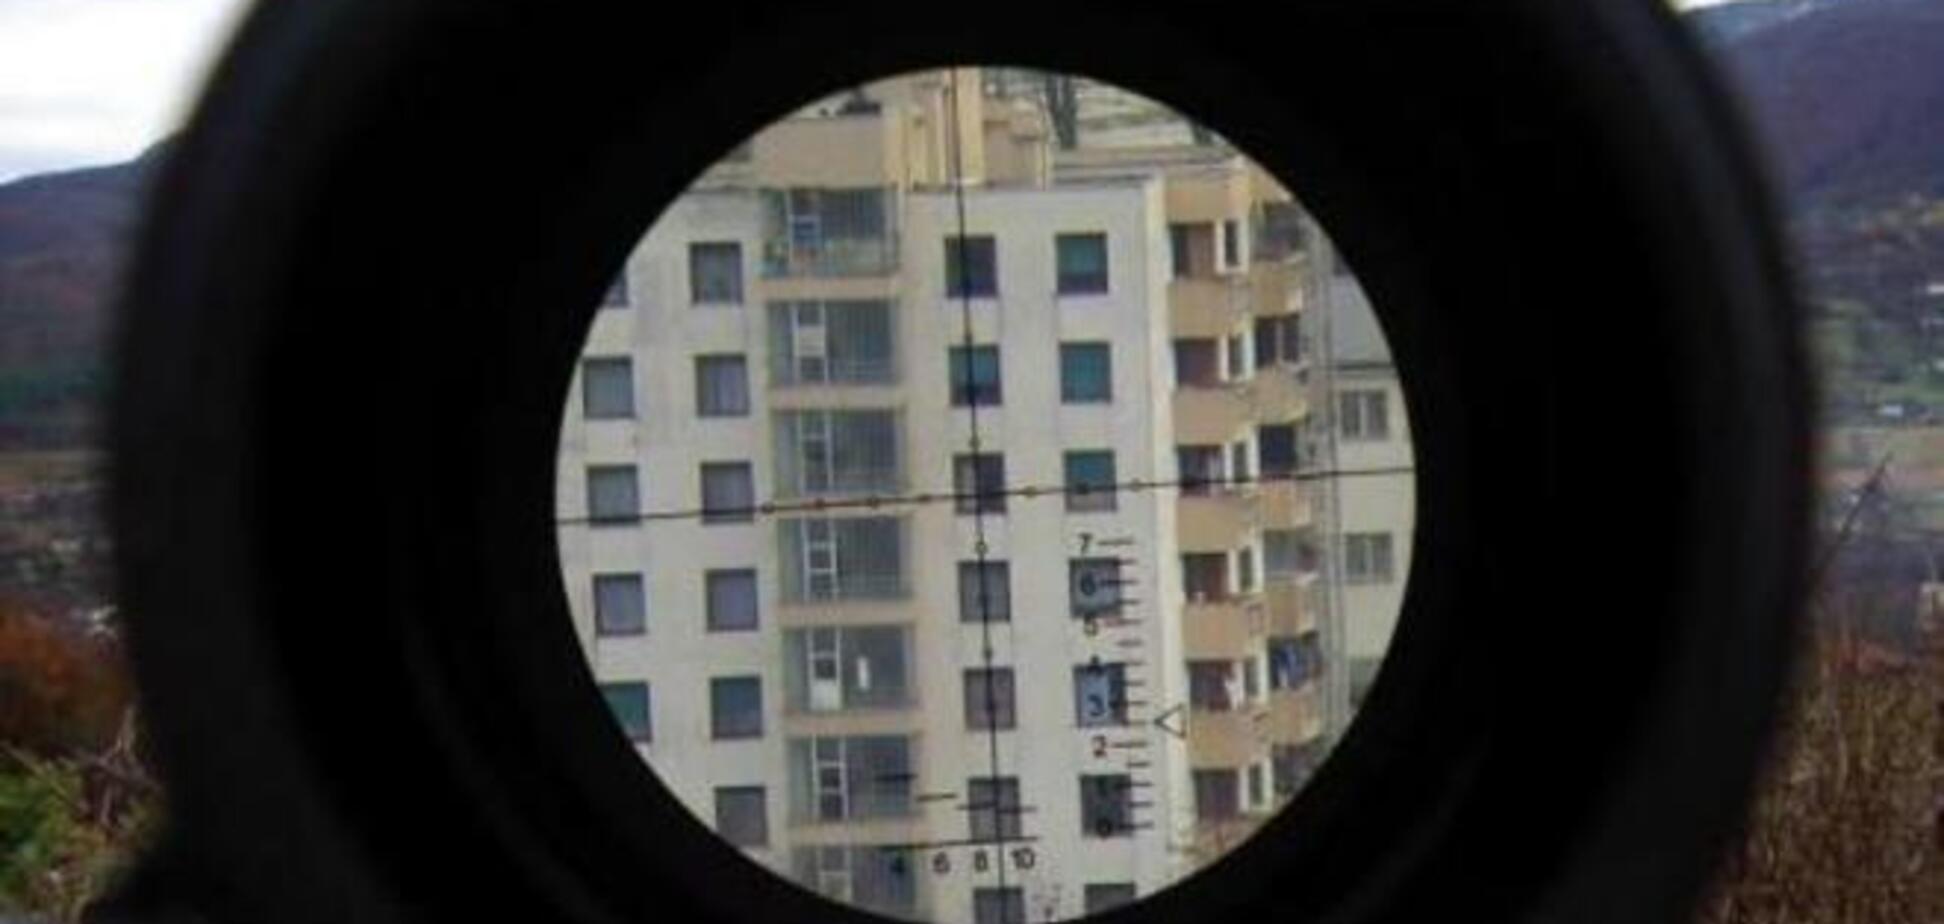 На Луганщине снайперы стреляют по мирным жителям - СМИ